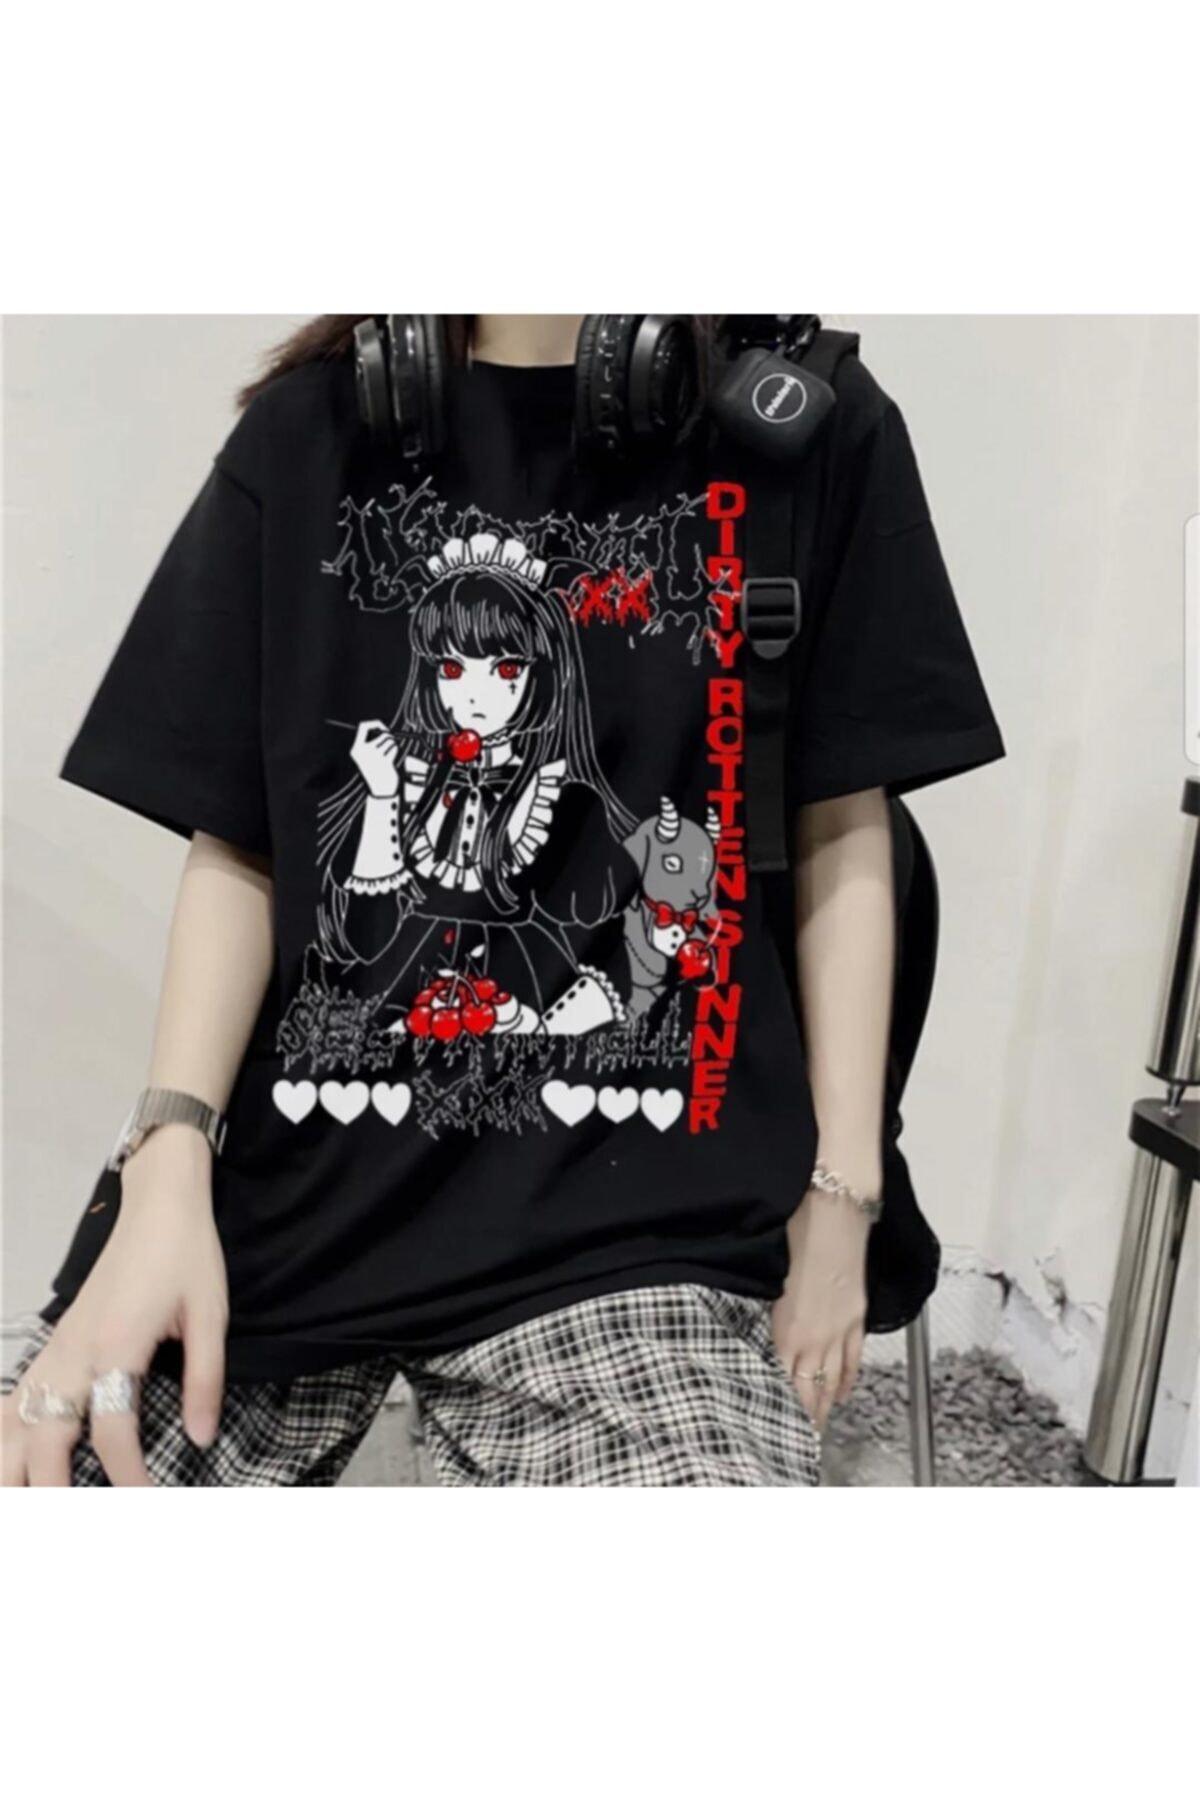 Unisex Harajuku Anime Punk T-Shirt